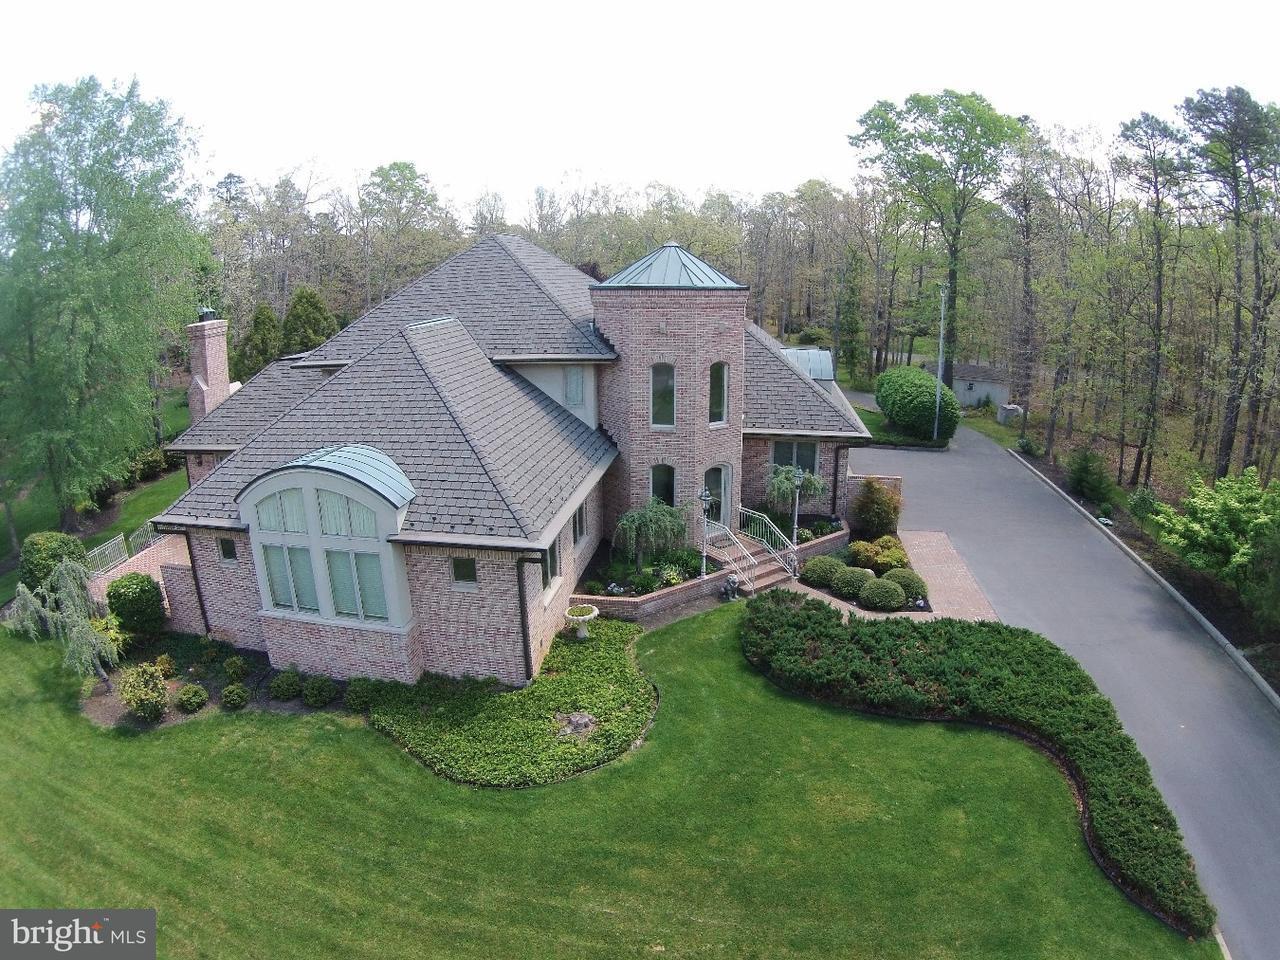 独户住宅 为 销售 在 220 MAPLE TER Buena, 新泽西州 08310 美国